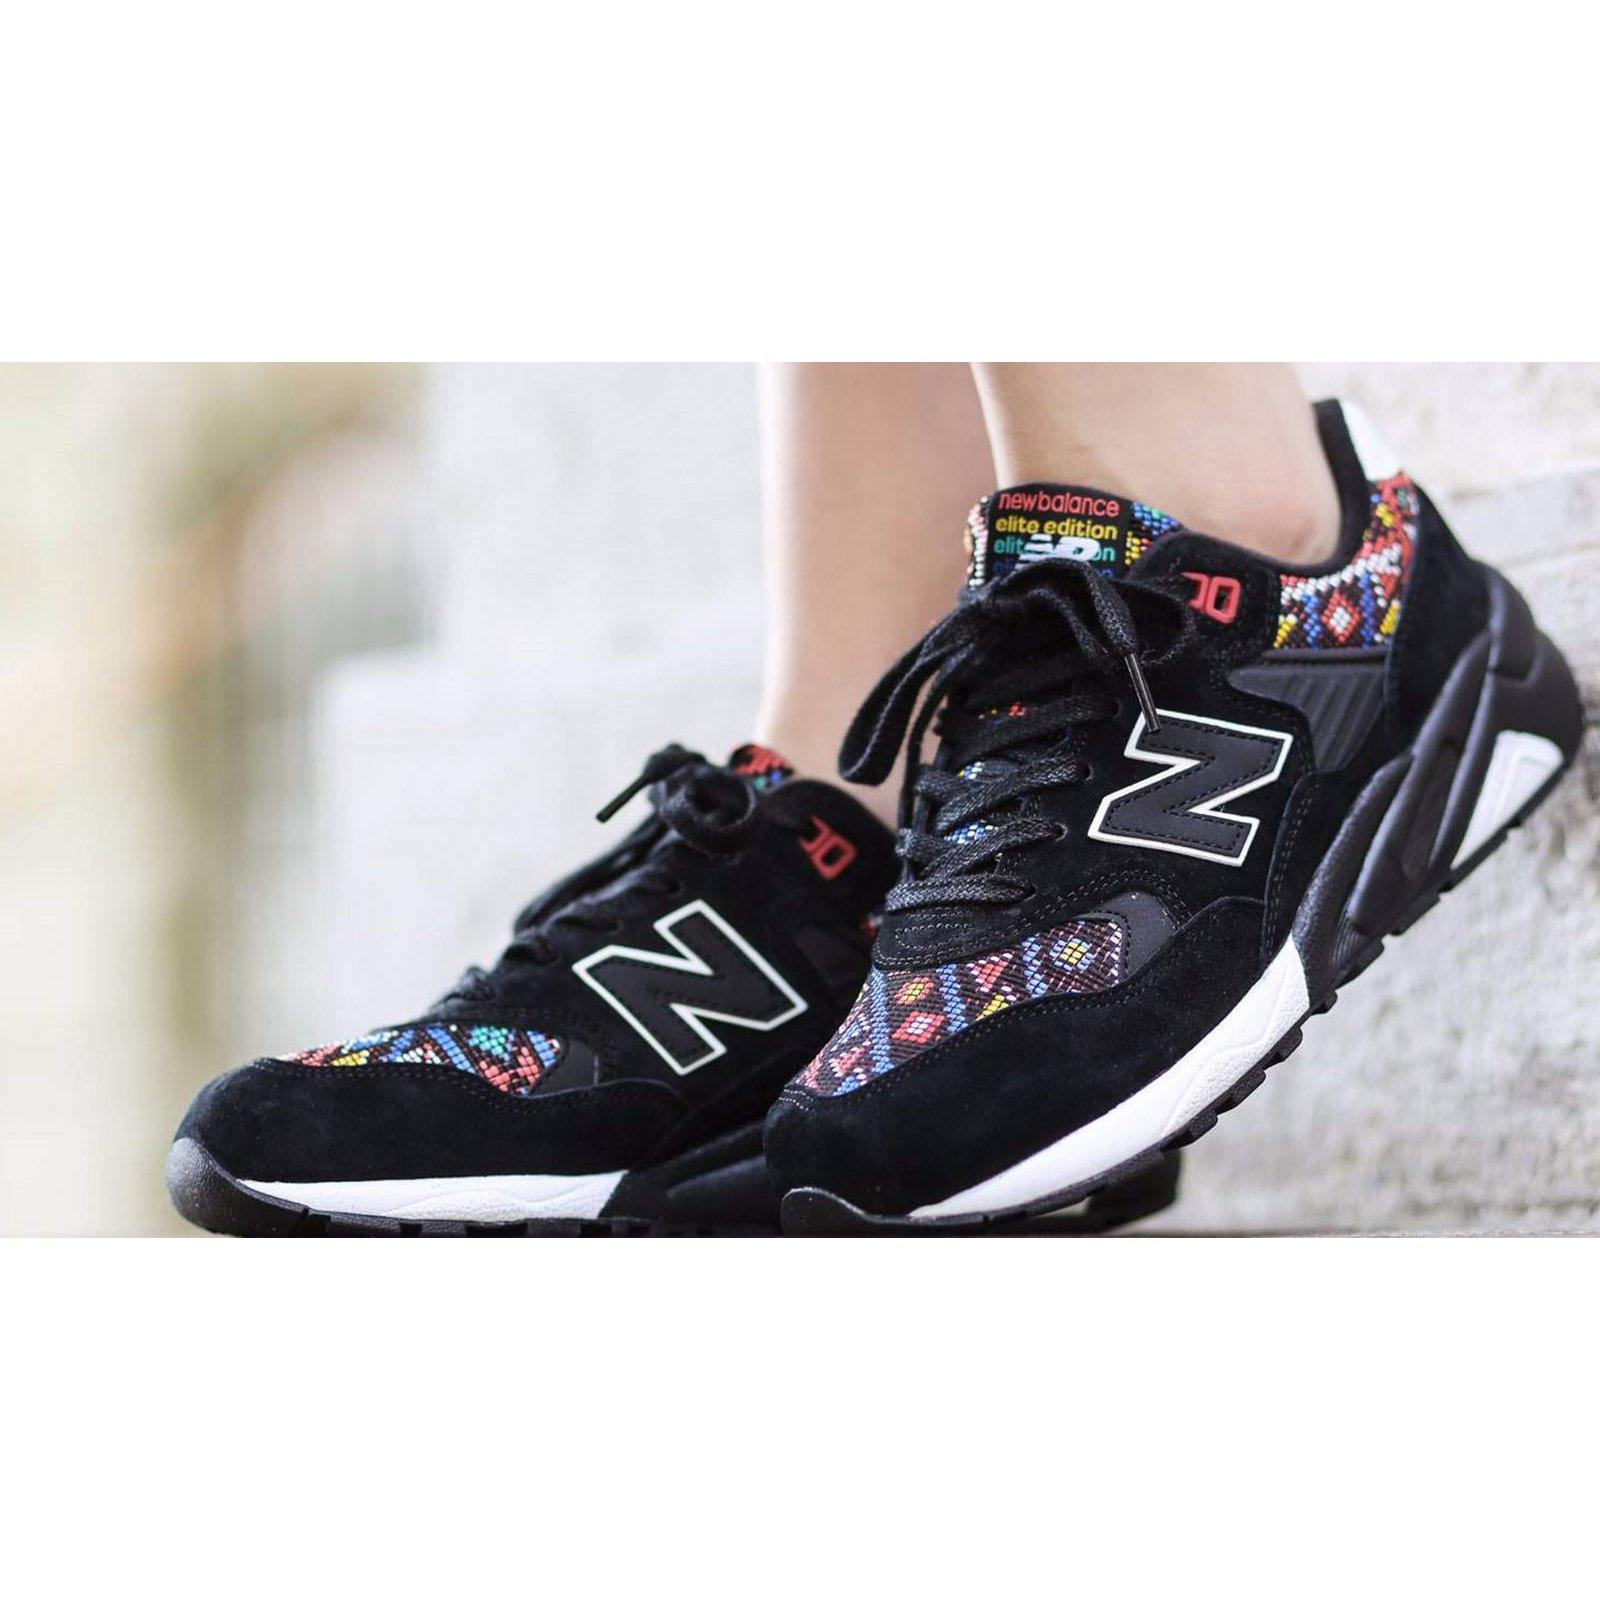 new balance uk 5776